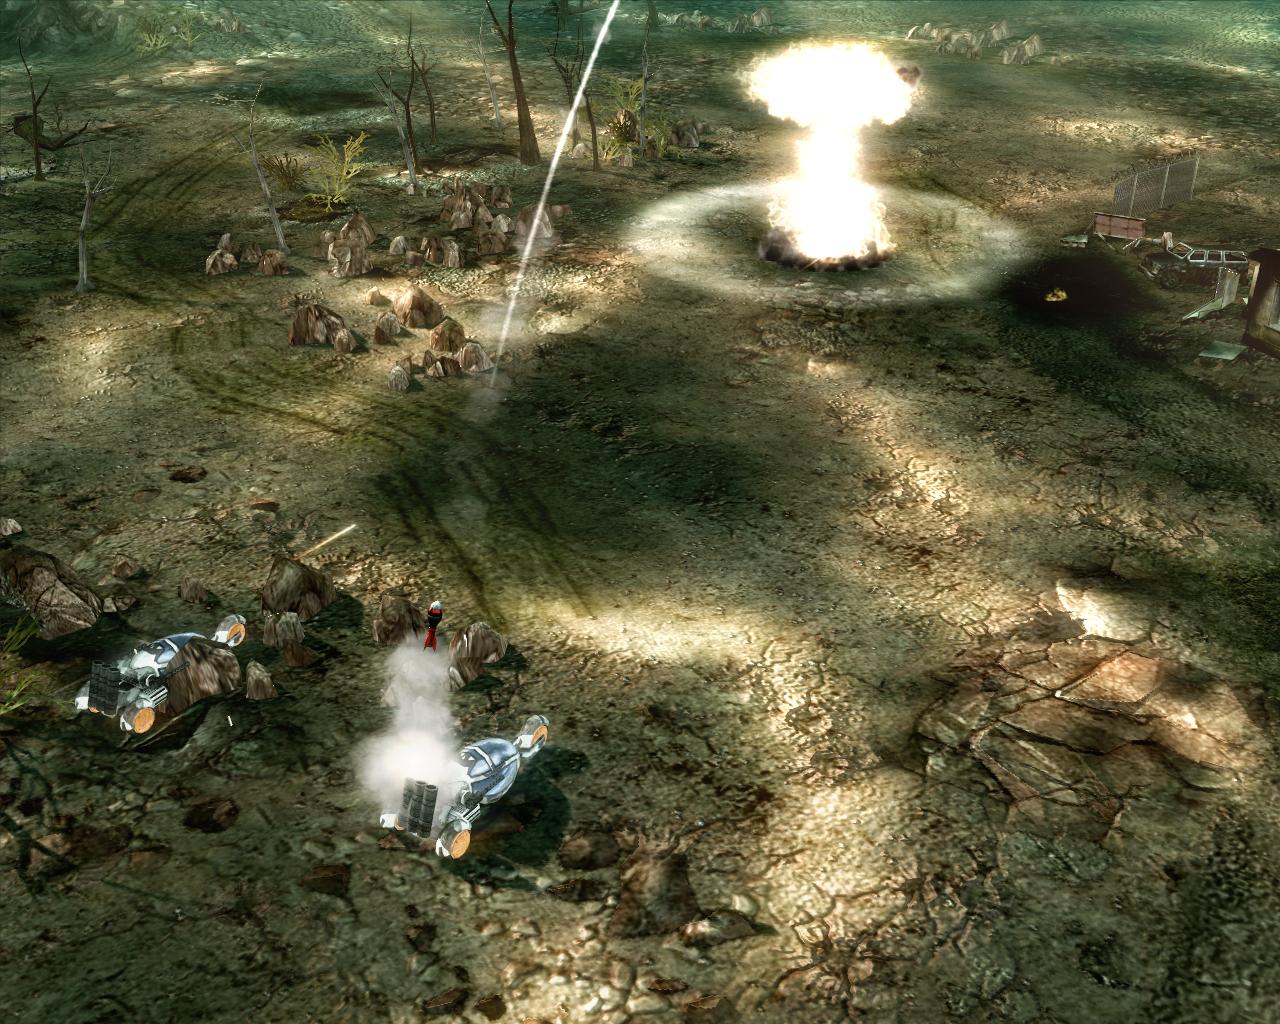 AssaultBike_MortarGunFir_03.jpg